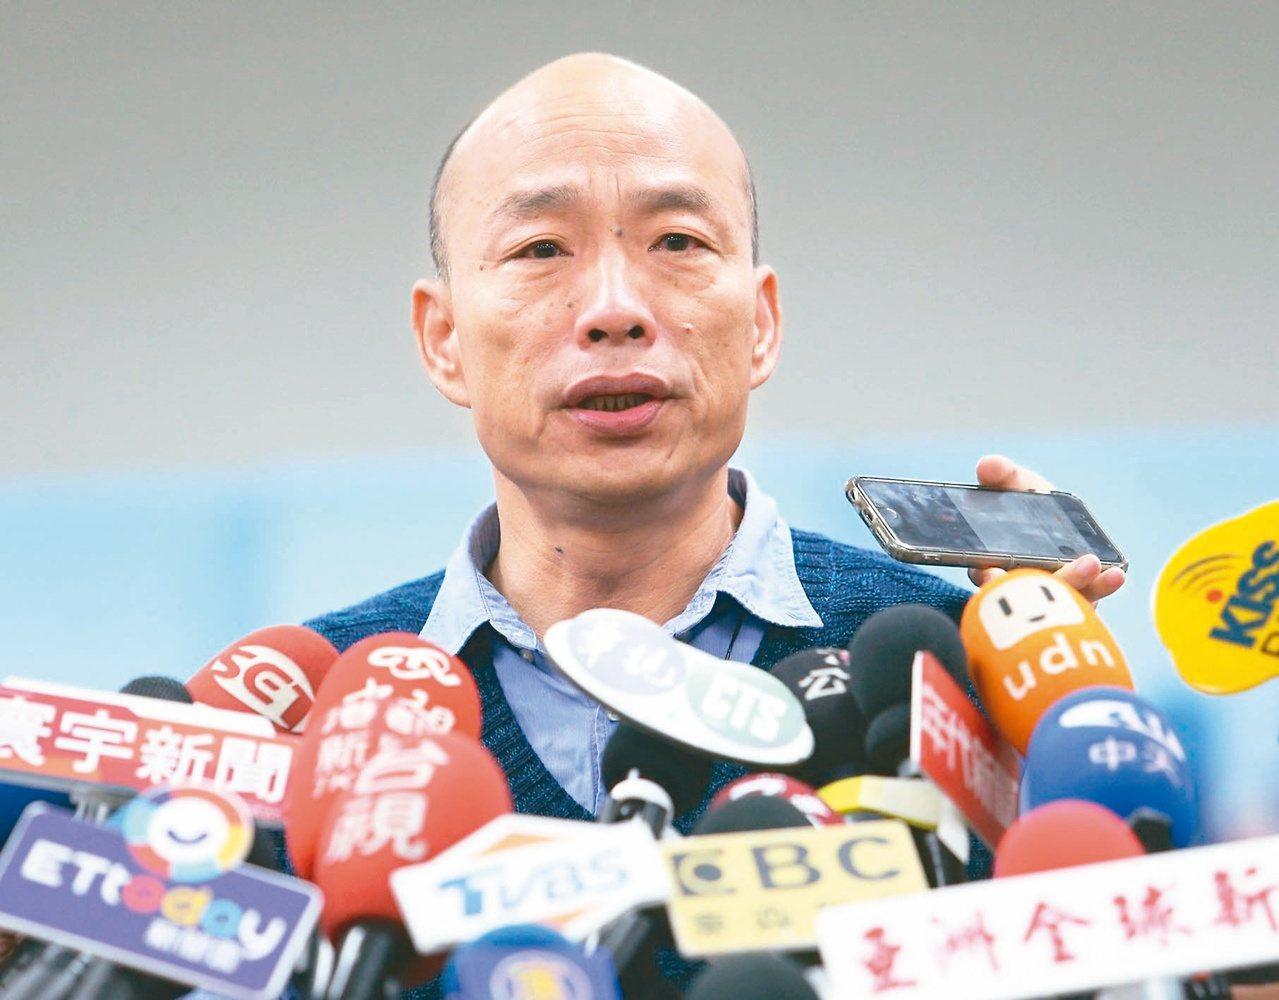 國民黨總統初選底定,高雄市長韓國瑜將批藍袍角逐2020大選,帶職參選遭受批評。 ...